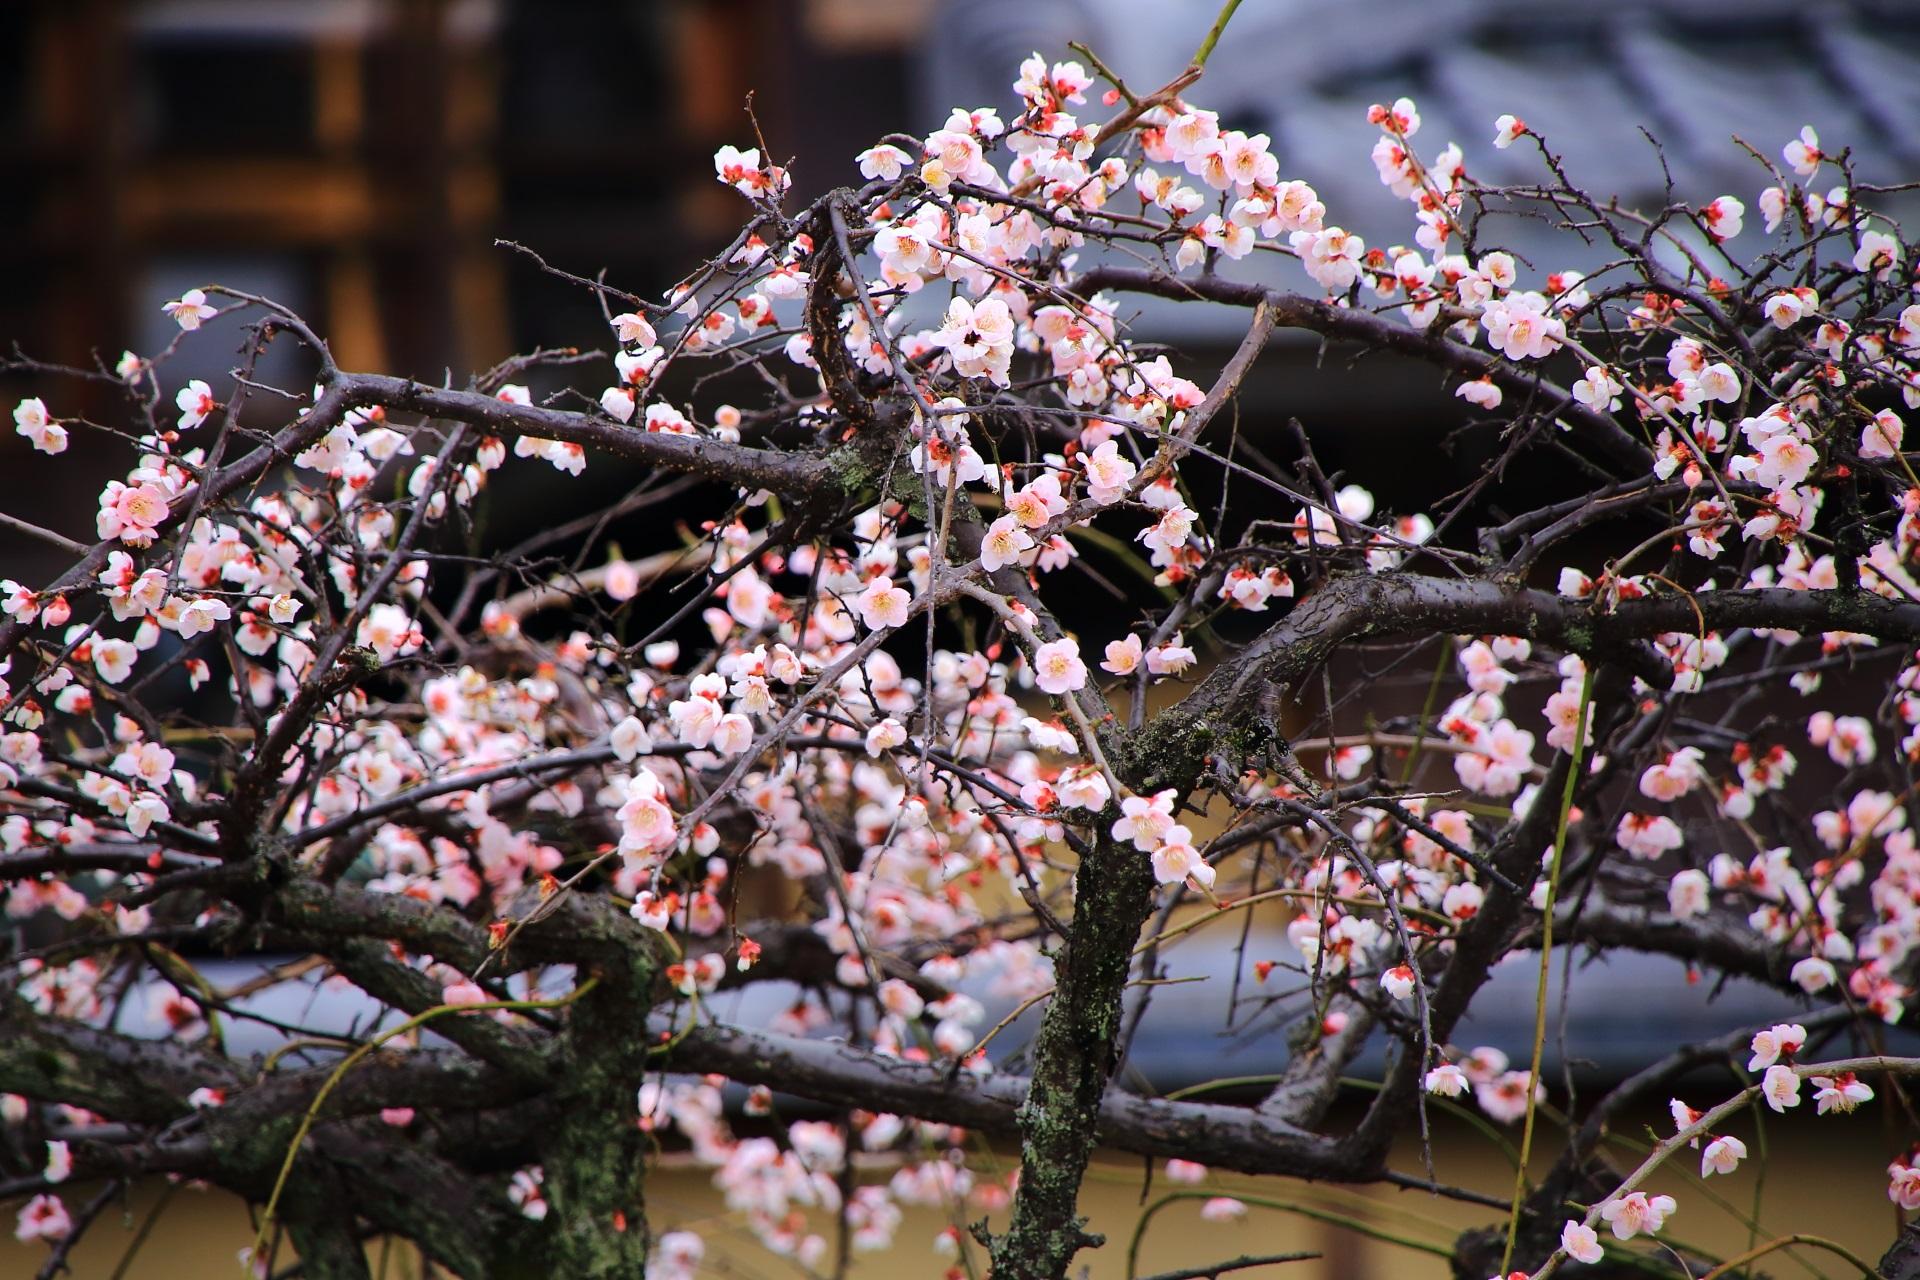 祇園白川の華やかな春先の彩り